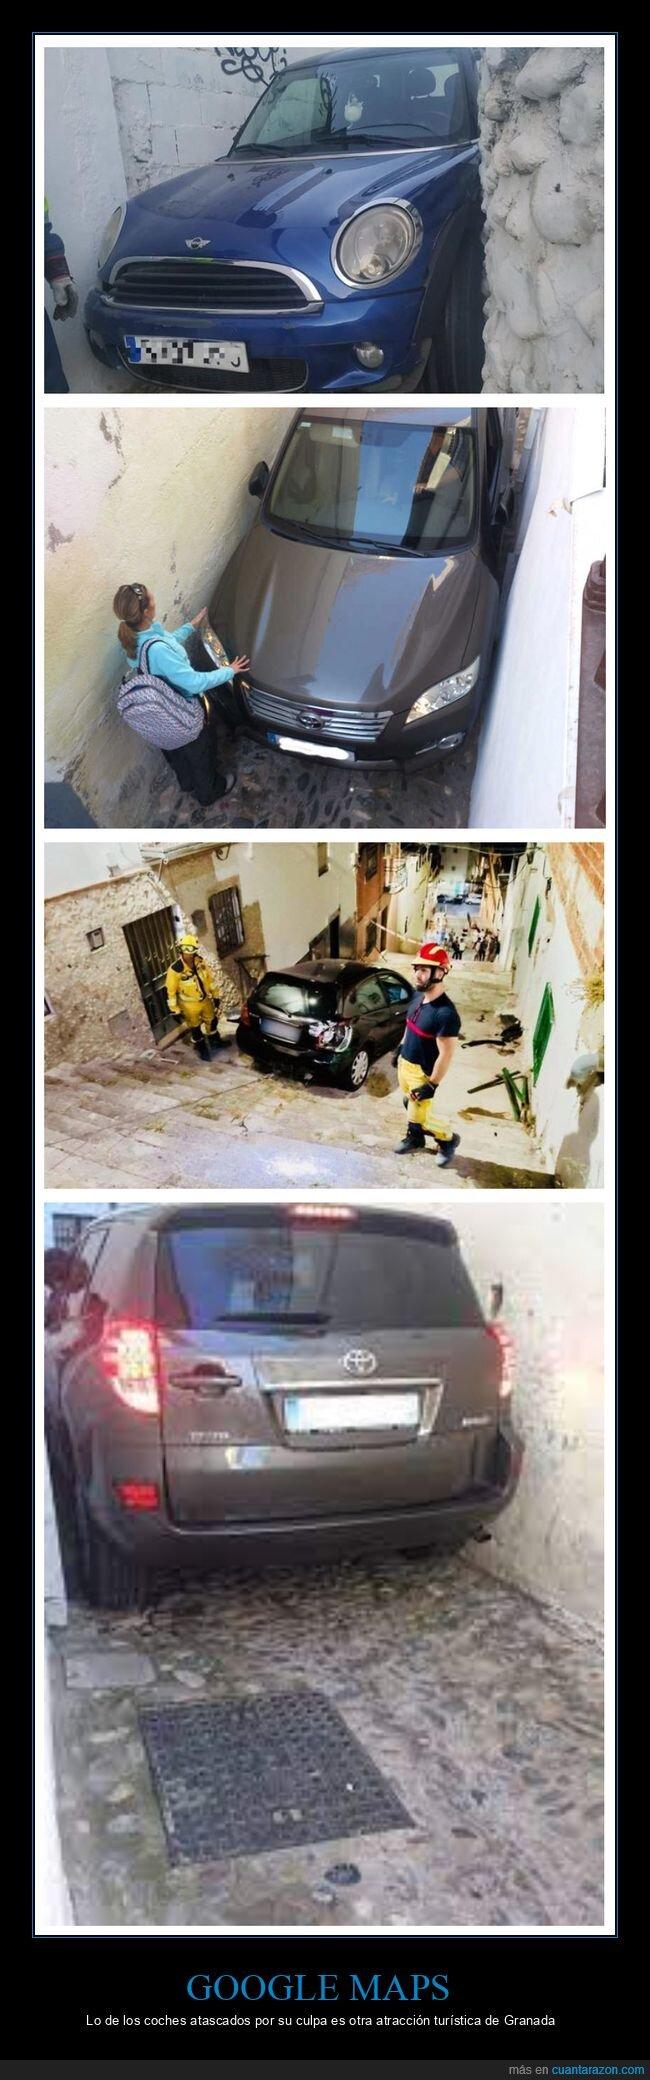 coches,fails,google maps,granada